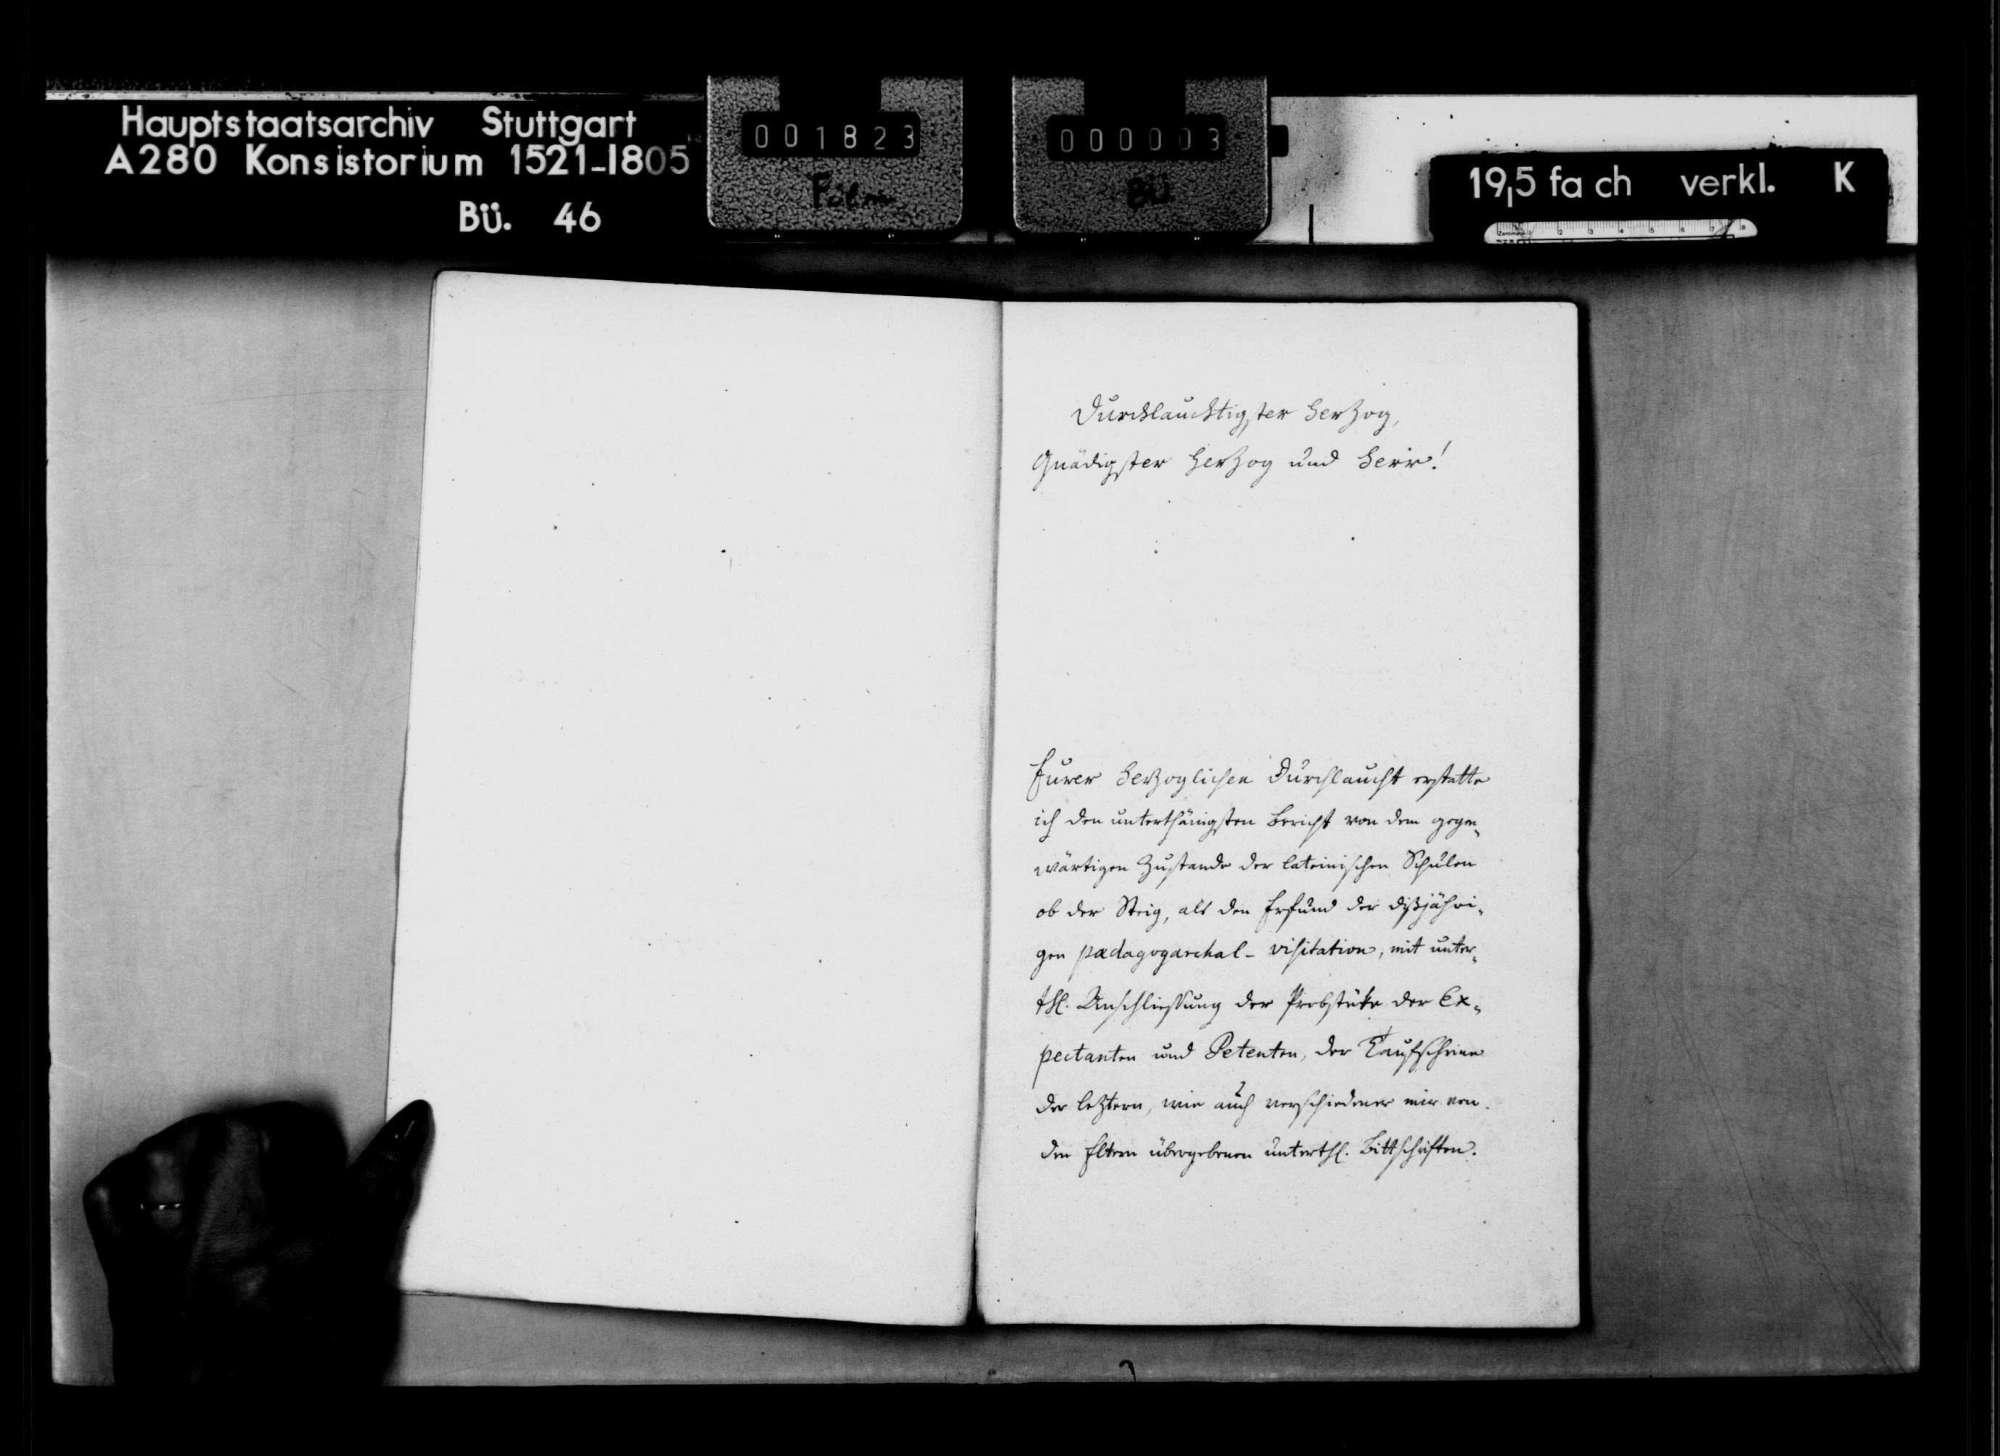 Visitationsrelation des Pädagogarchen Prof. August Friedrich Bök über die Lateinschulen ob der Steig (mit Angaben über die Lehrer sowie die Schüler, die zum Landexamen zugelassen werden oder Aufnahme Wünschen, Bild 3